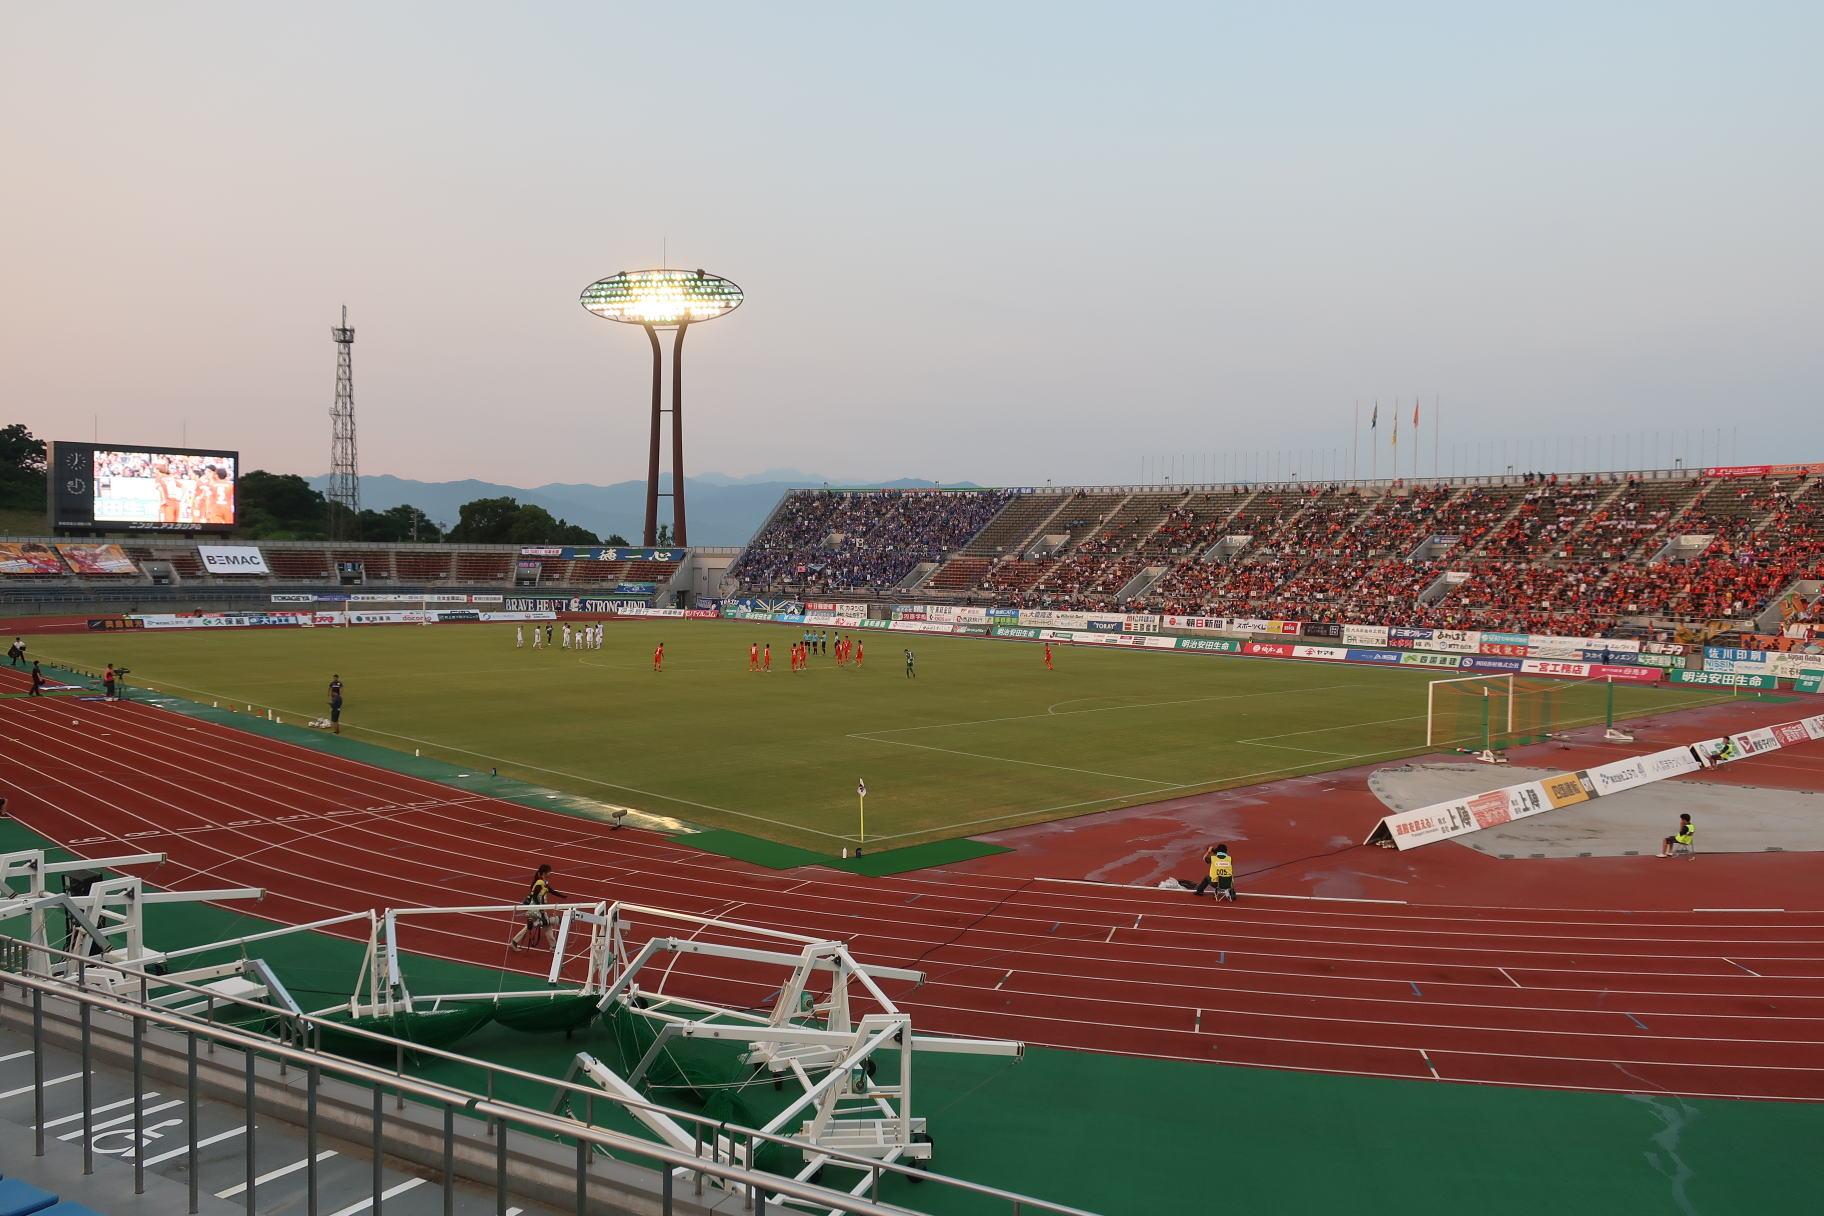 愛媛県総合運動公園陸上競技場 - Wikipedia